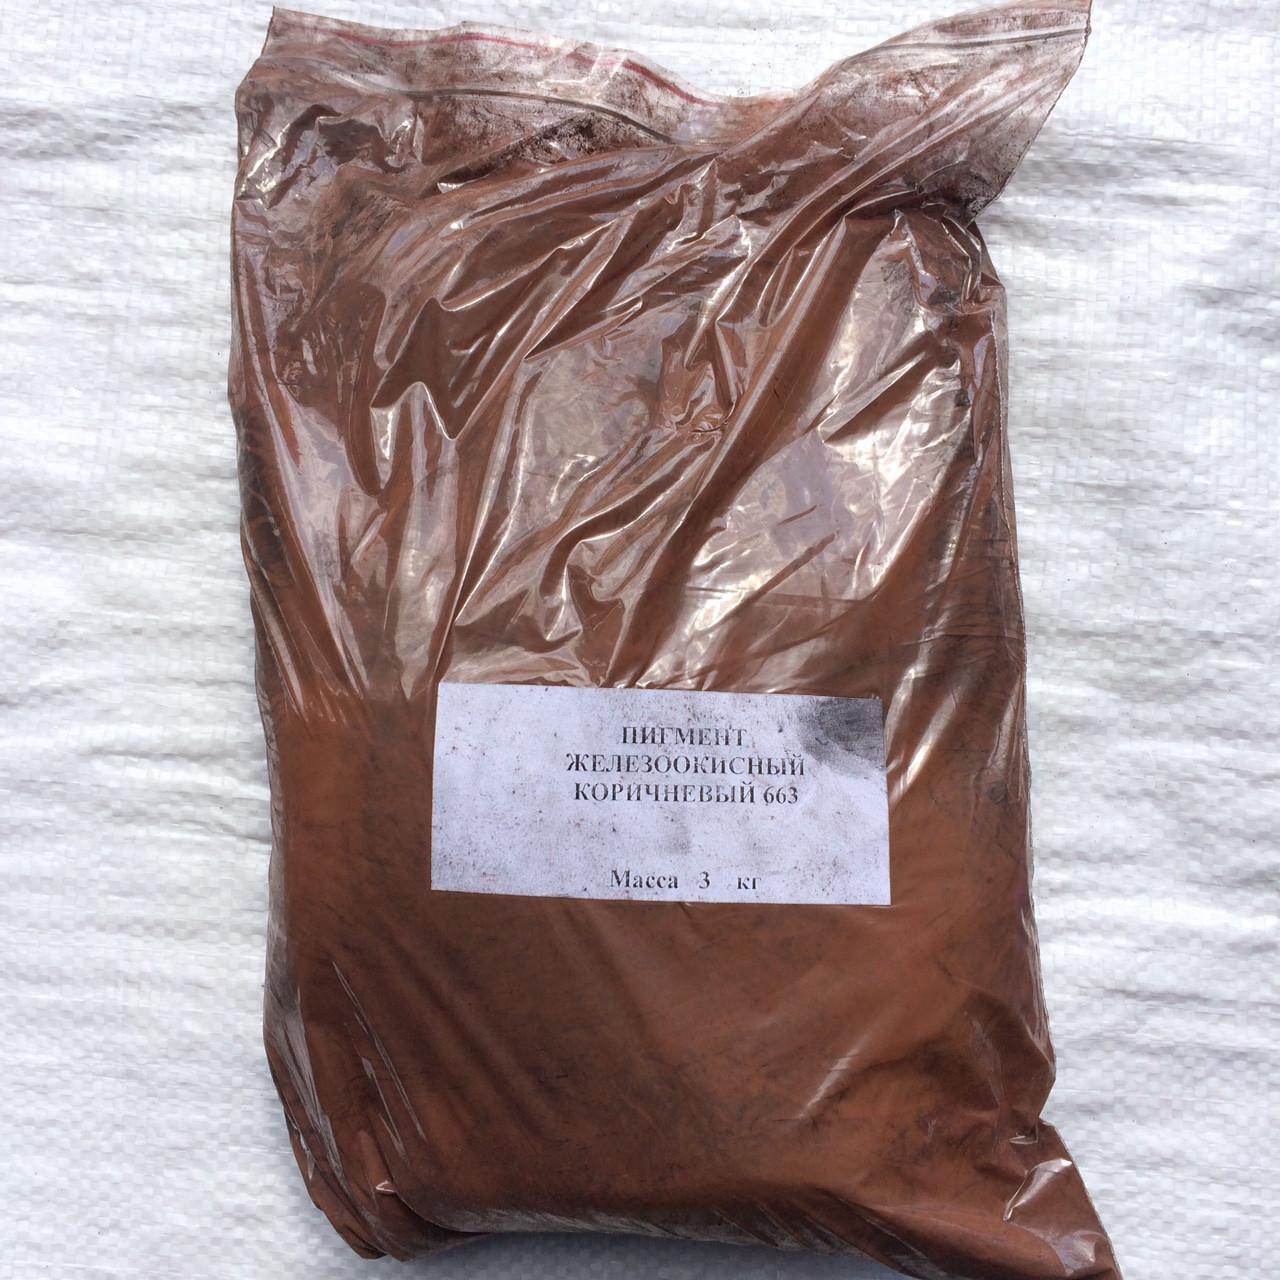 Пигмент коричневый железоокисный для гипса и бетона (пакет 3 кг)